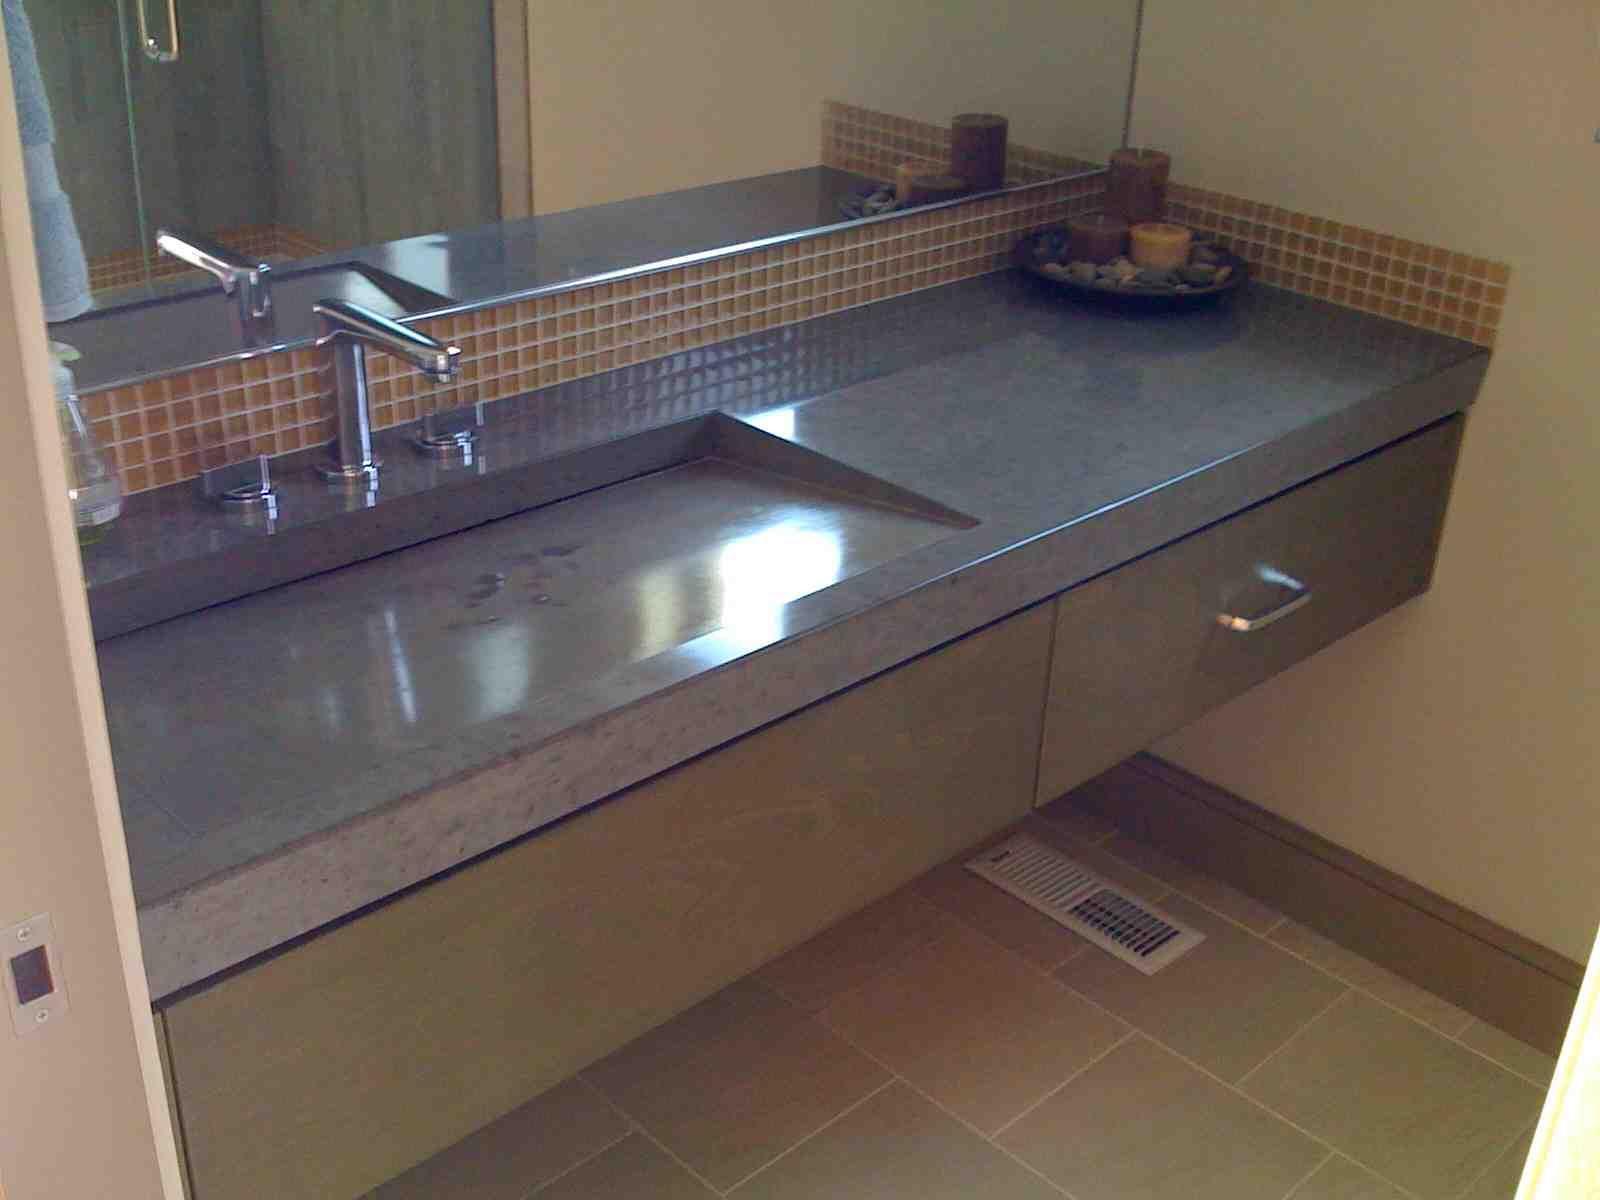 Concrete Sink Mold 16 Single Sink Kitchen Mdfyw Com Concrete Sink Concrete Sink Molds Single Sink Kitchen